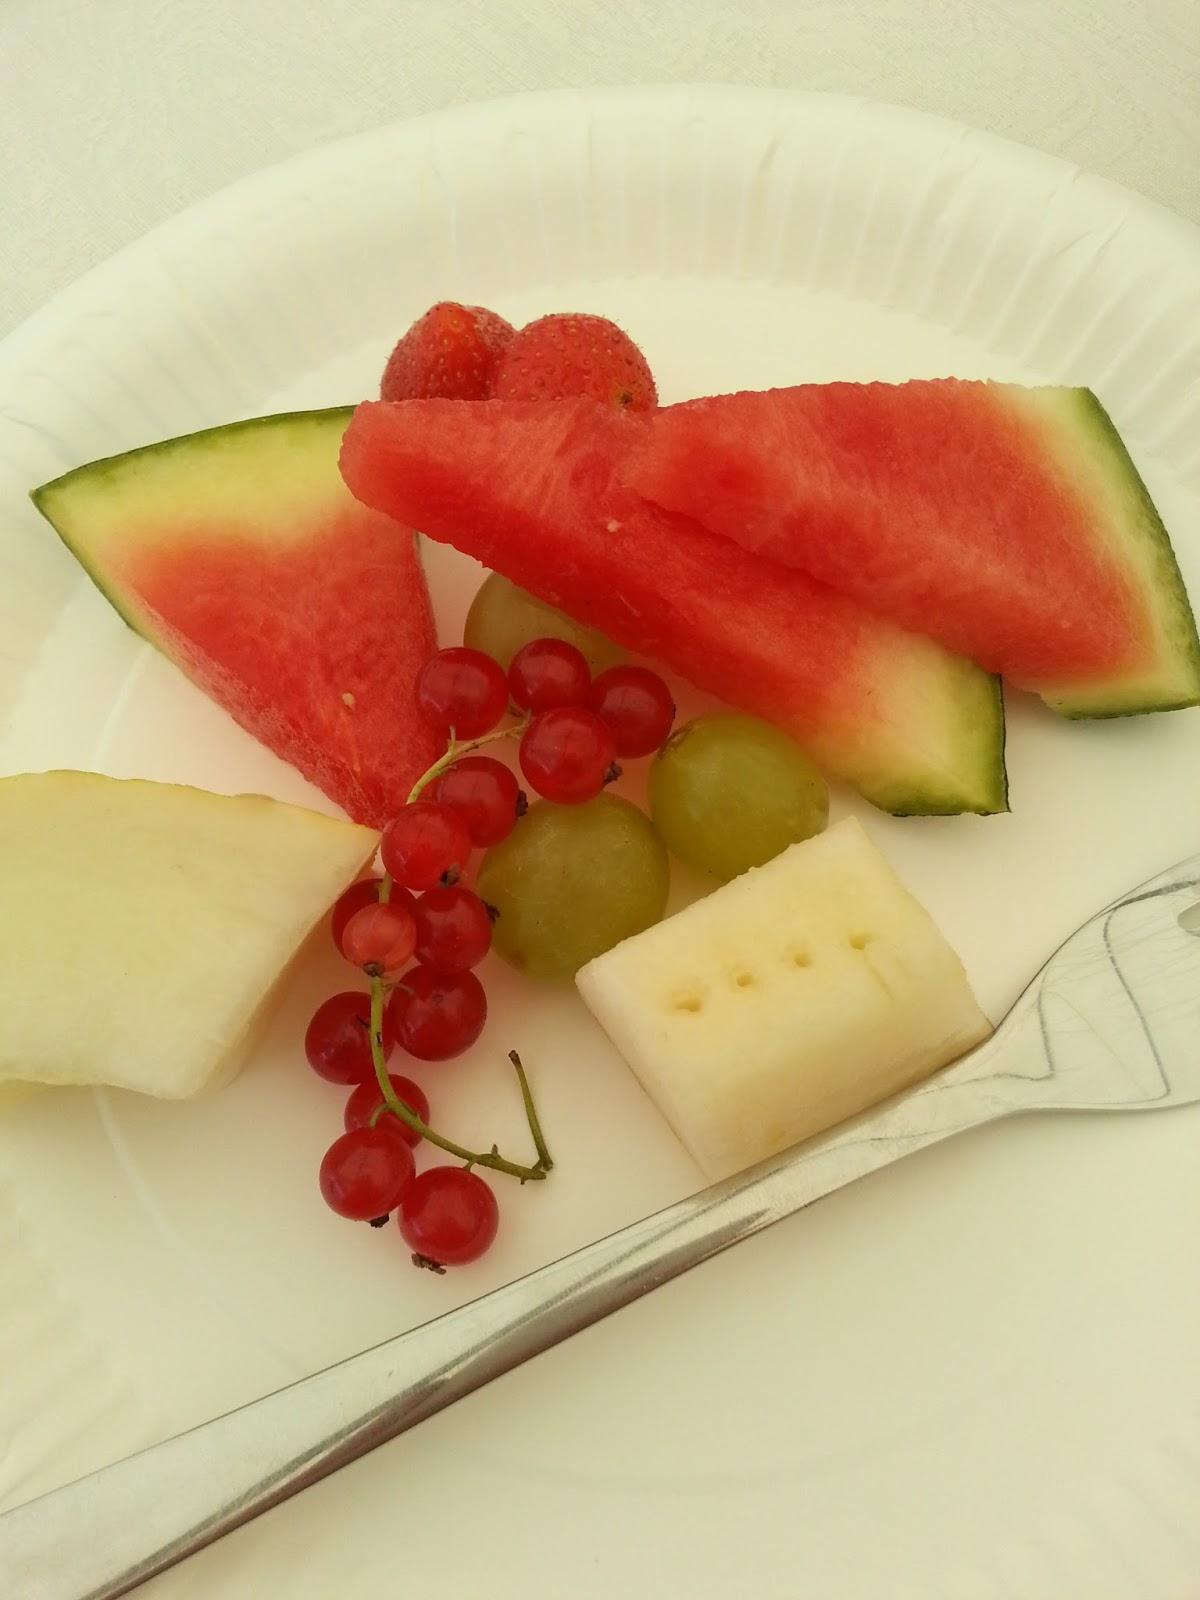 Danke Auch Für Die Köstliche Verpflegung Im Cafe Zelt, Ich Sag Ja Immer,  Alleine Für Die Kuchen Würde Sich Der Weg Nach Nordhorn Schon Lohnen!